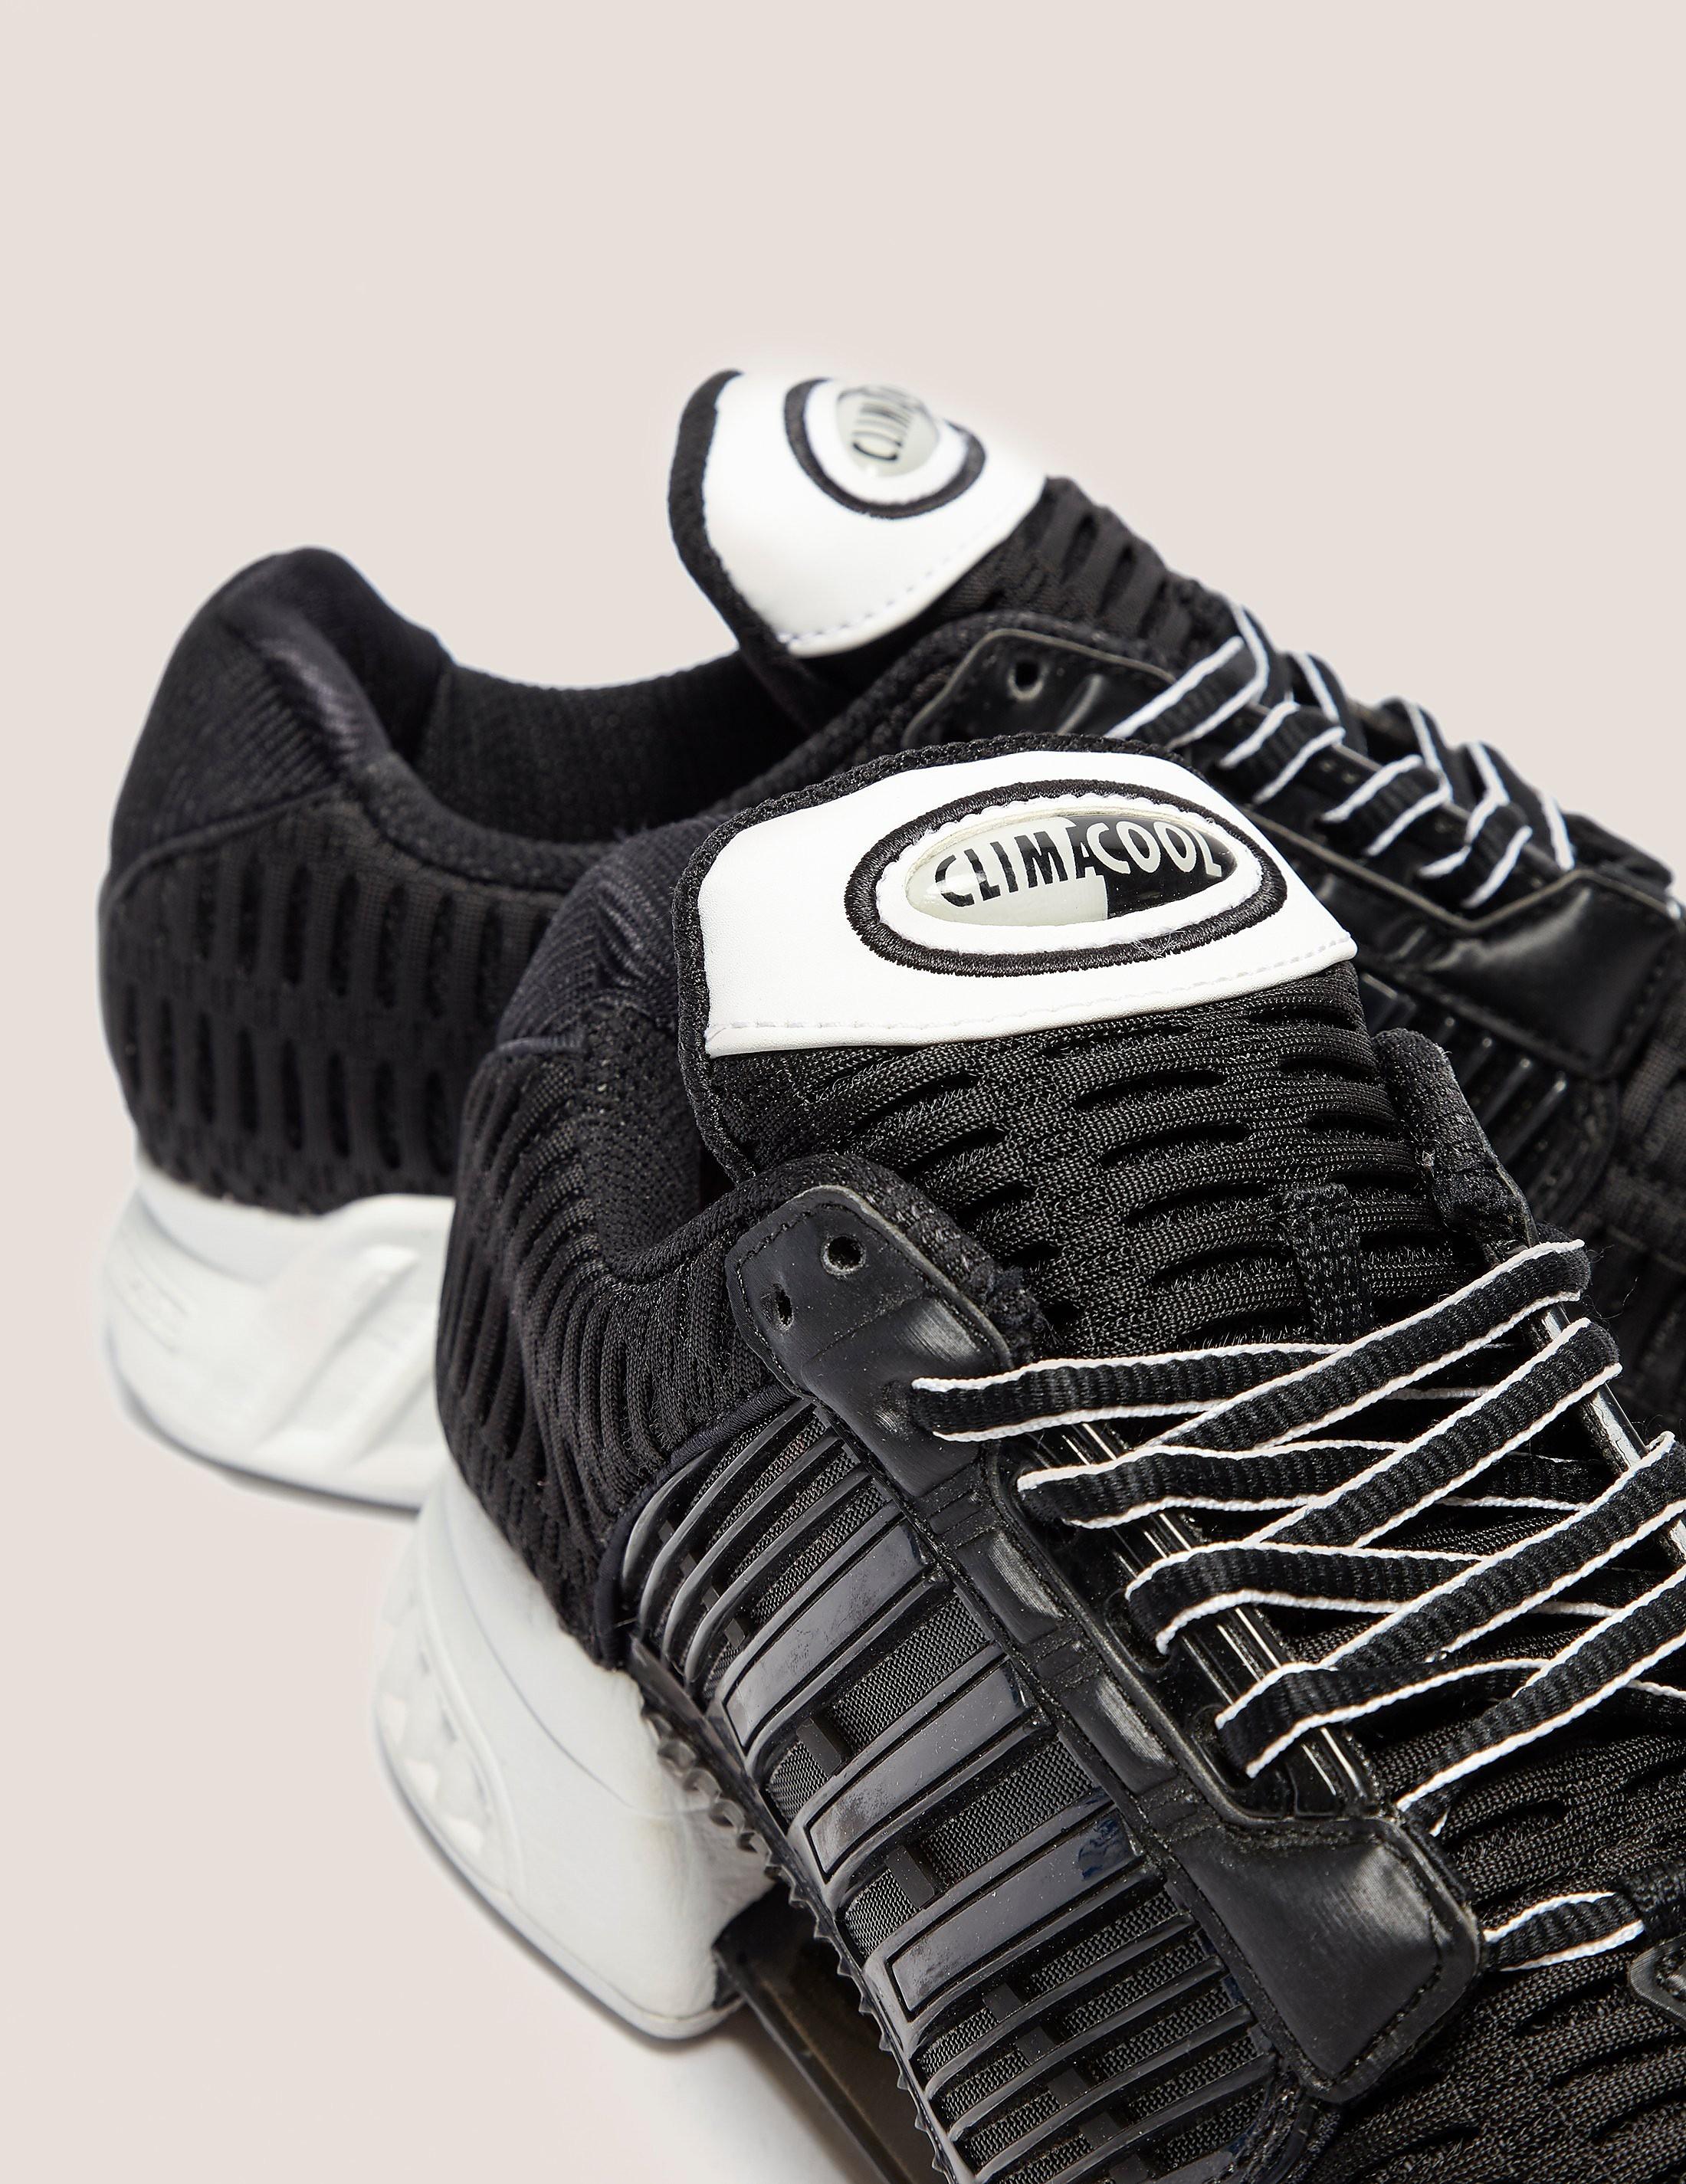 adidas Originals Climacool